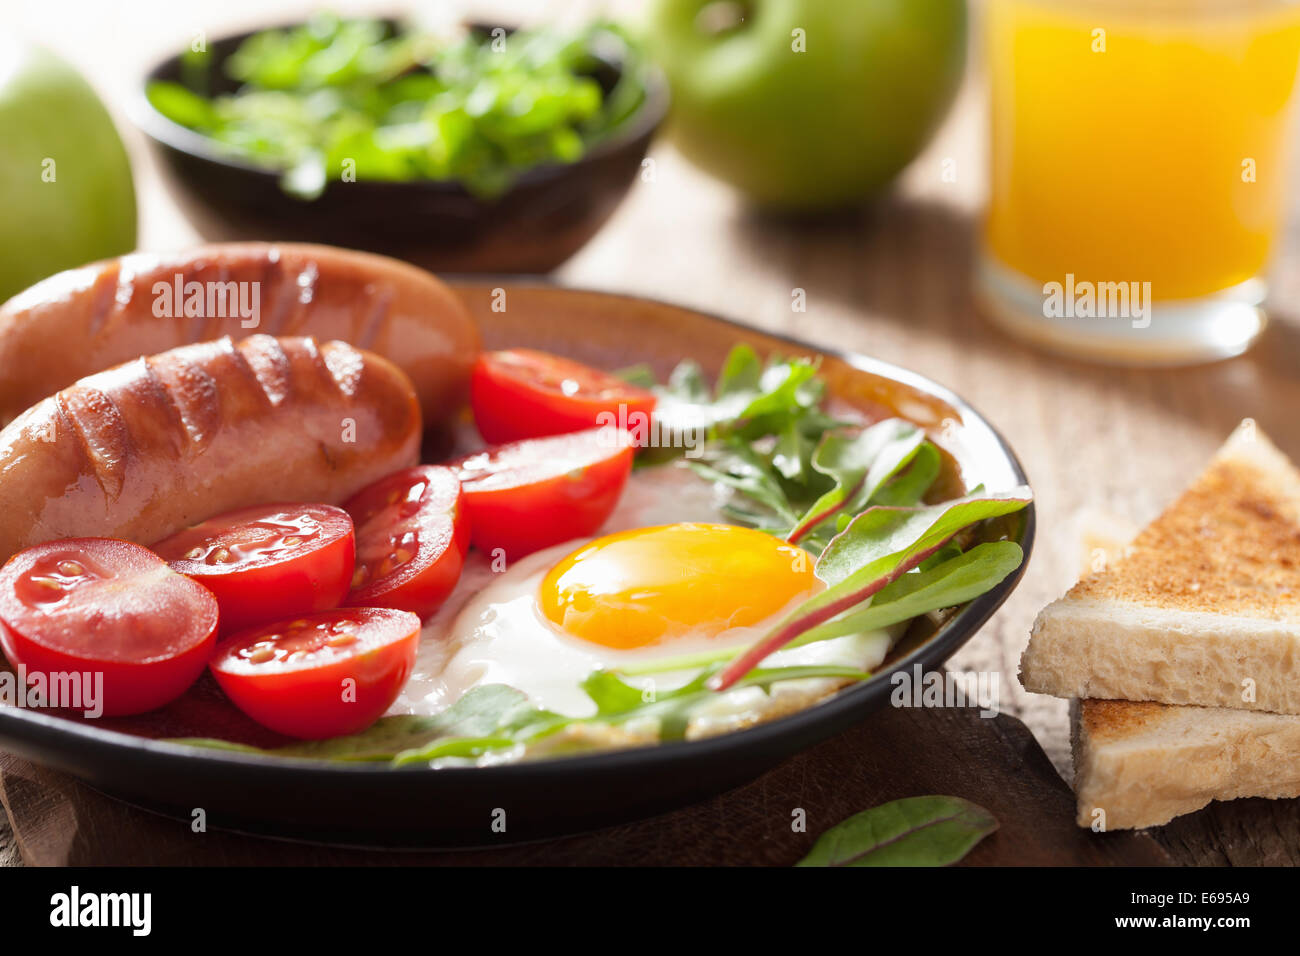 Huevo frito las salchichas tomates para desayuno saludable Imagen De Stock